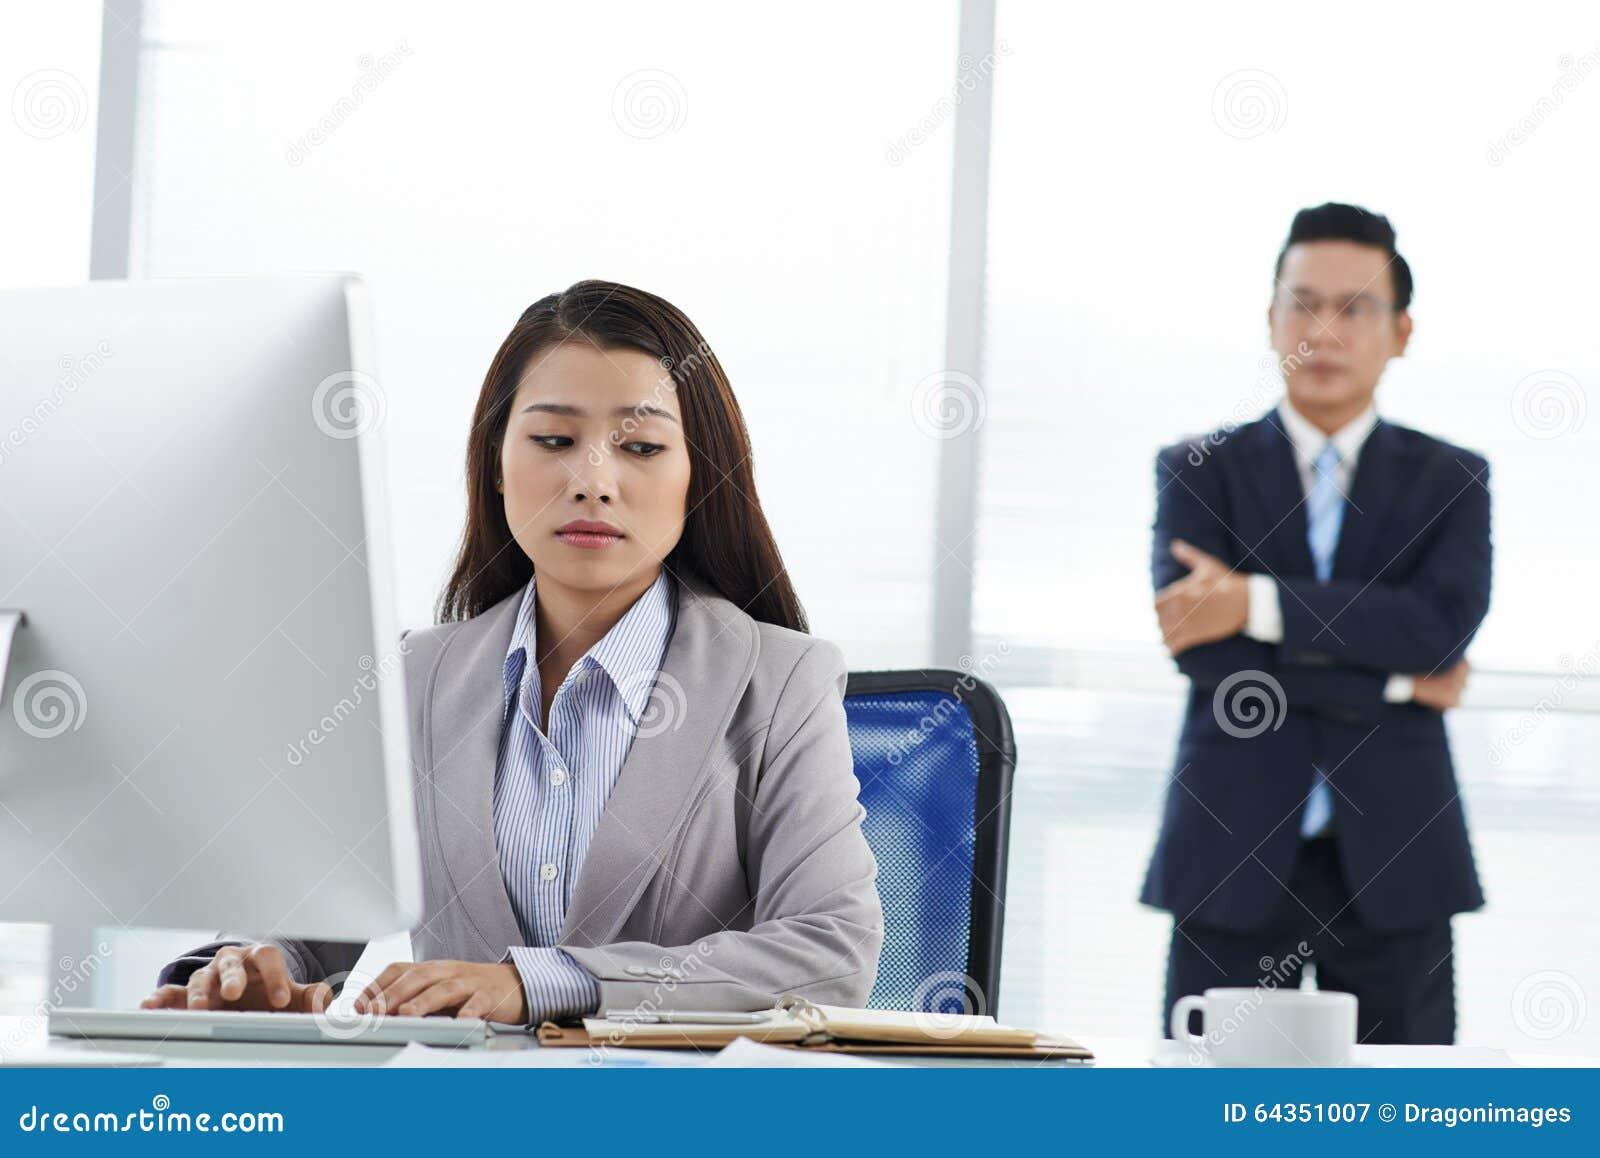 unhappy employee stock photo image  unhappy employee